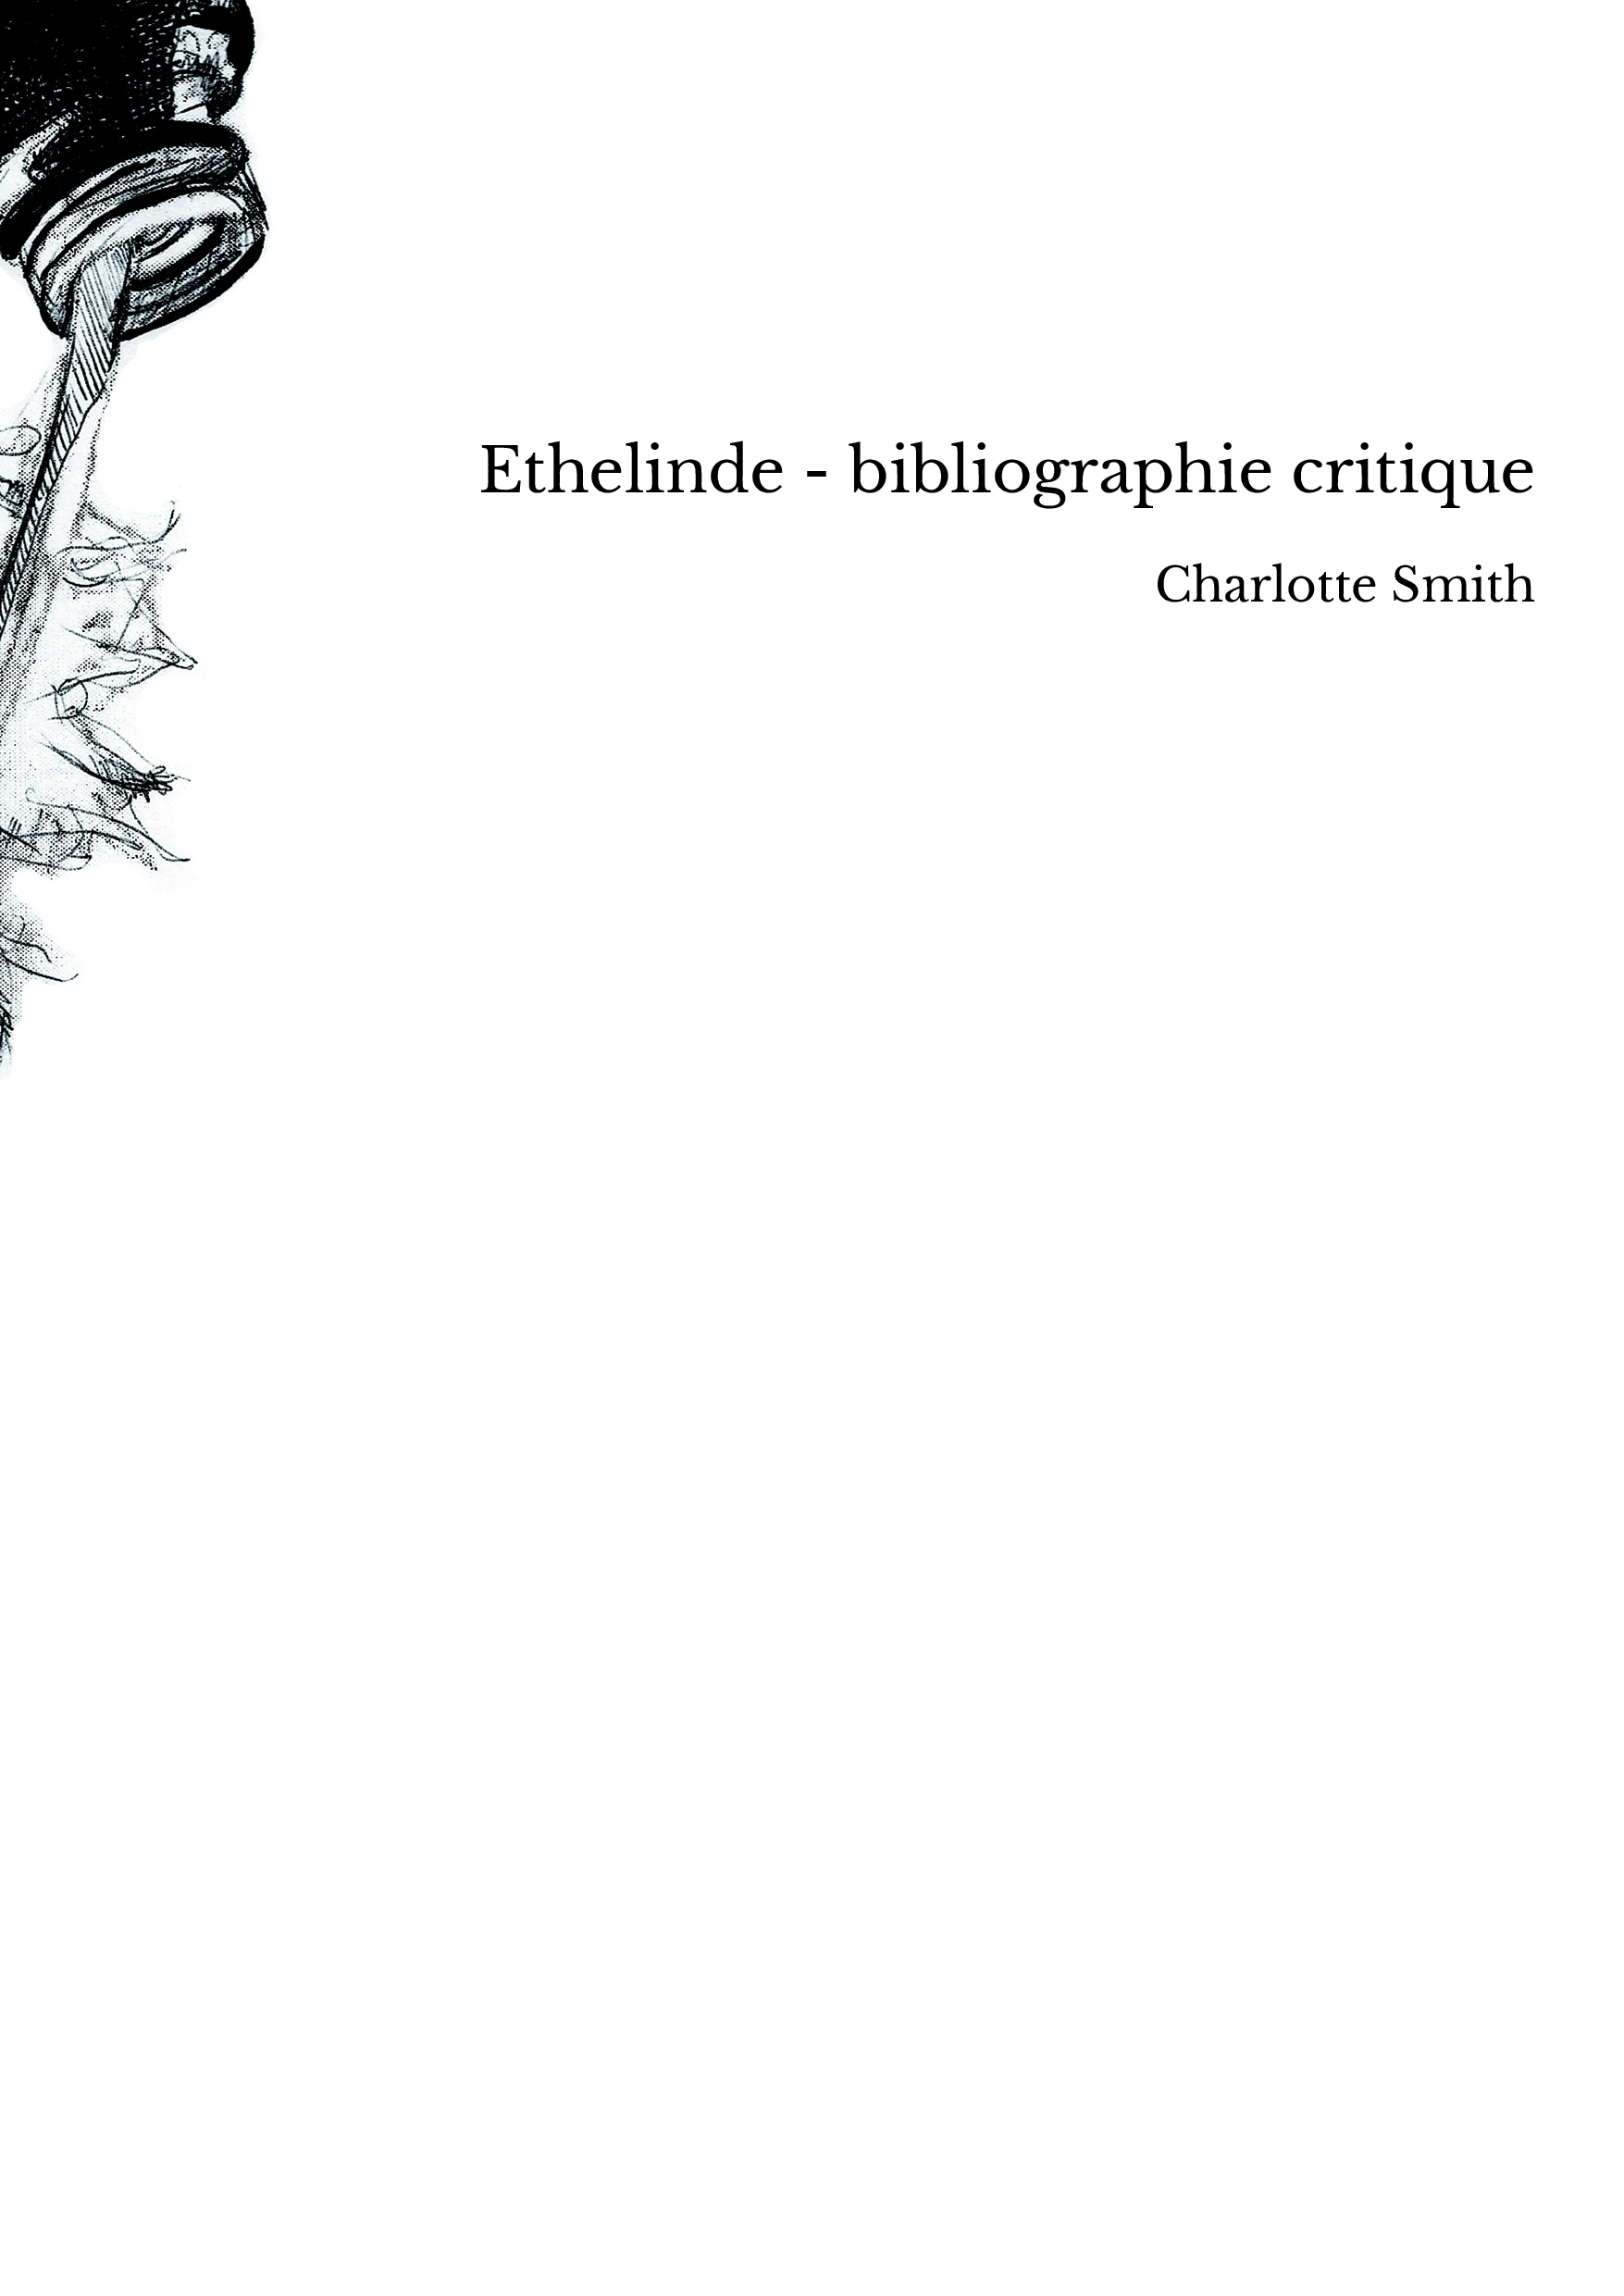 Ethelinde - bibliographie critique